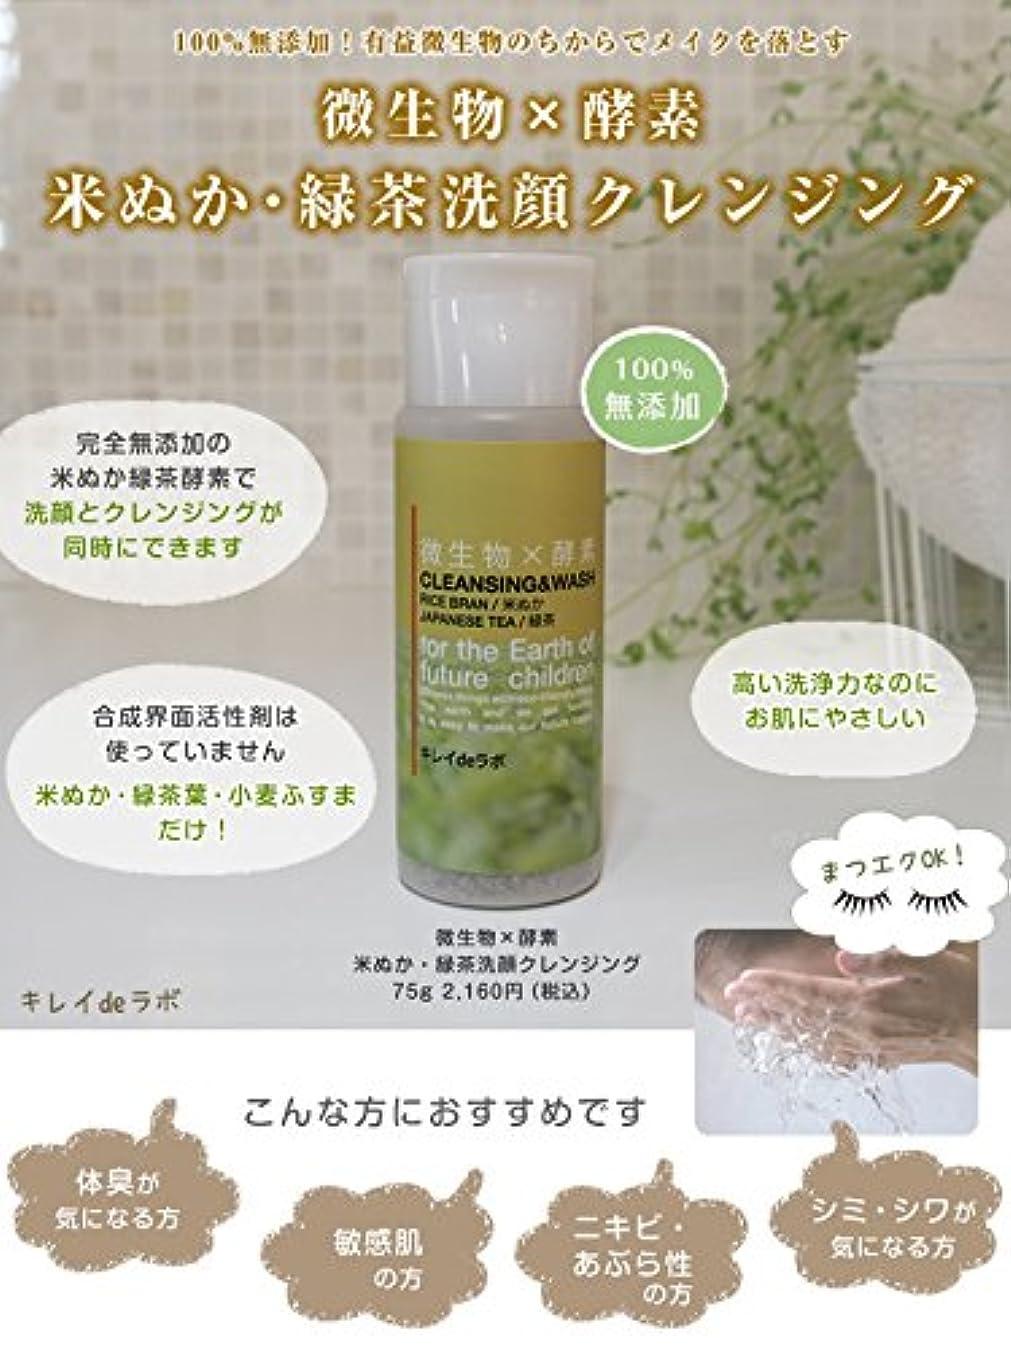 とげに変わるネブ微生物×酵素 米ぬか緑茶洗顔クレンジング100%無添加 マツエクOK … (本体 75g) みんなでみらいを 米ぬか使用